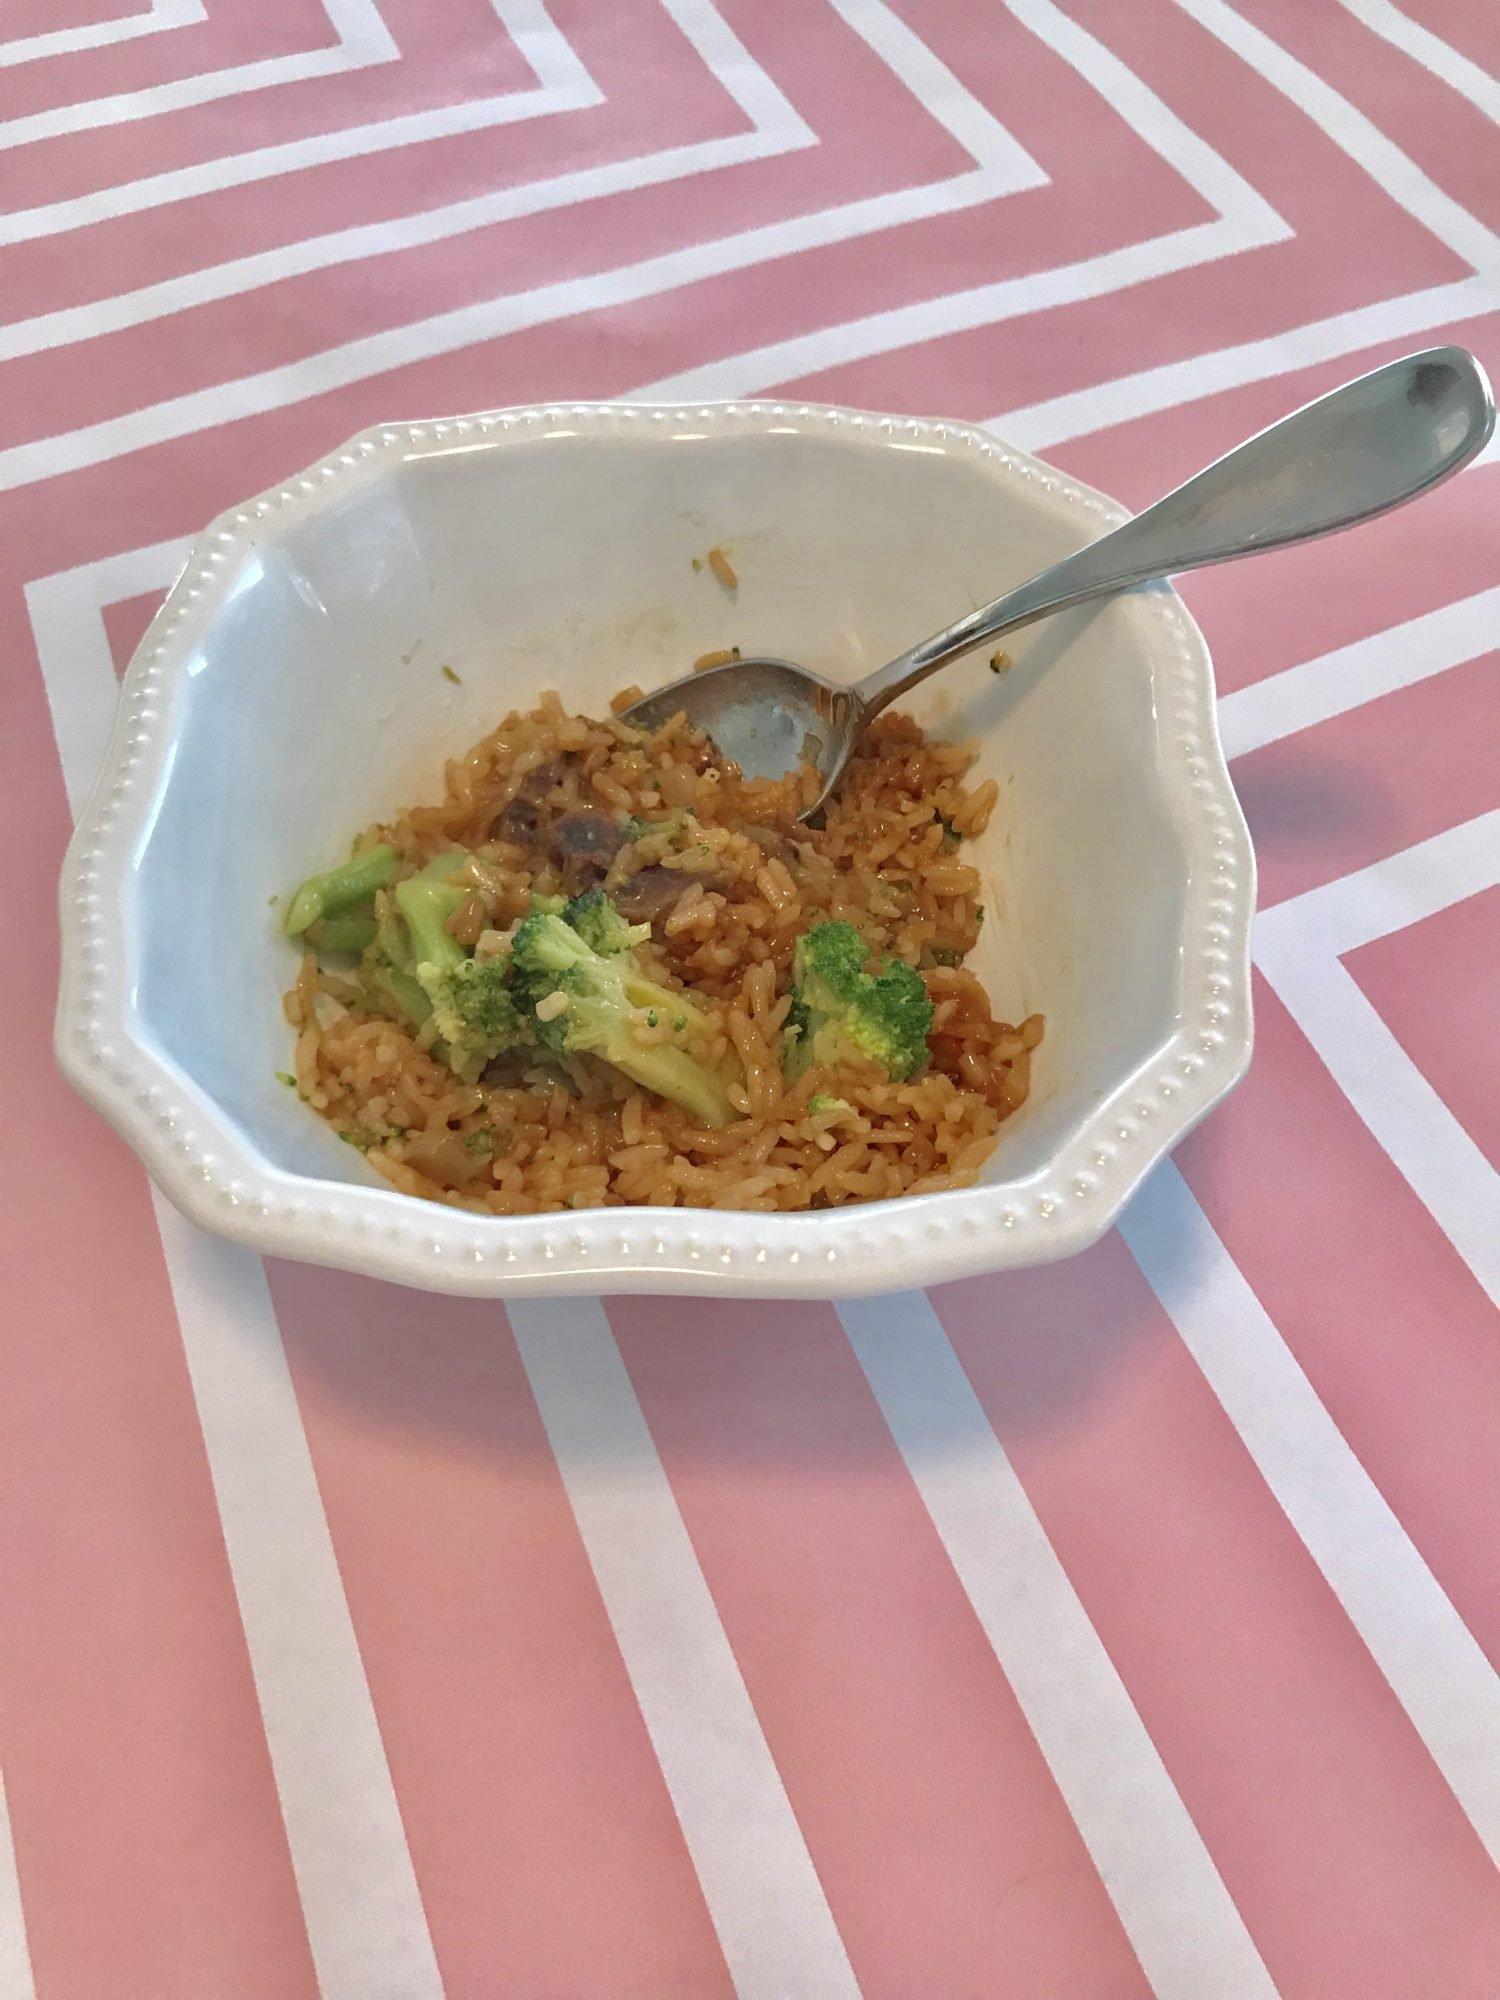 Tai Pei dinner entrees